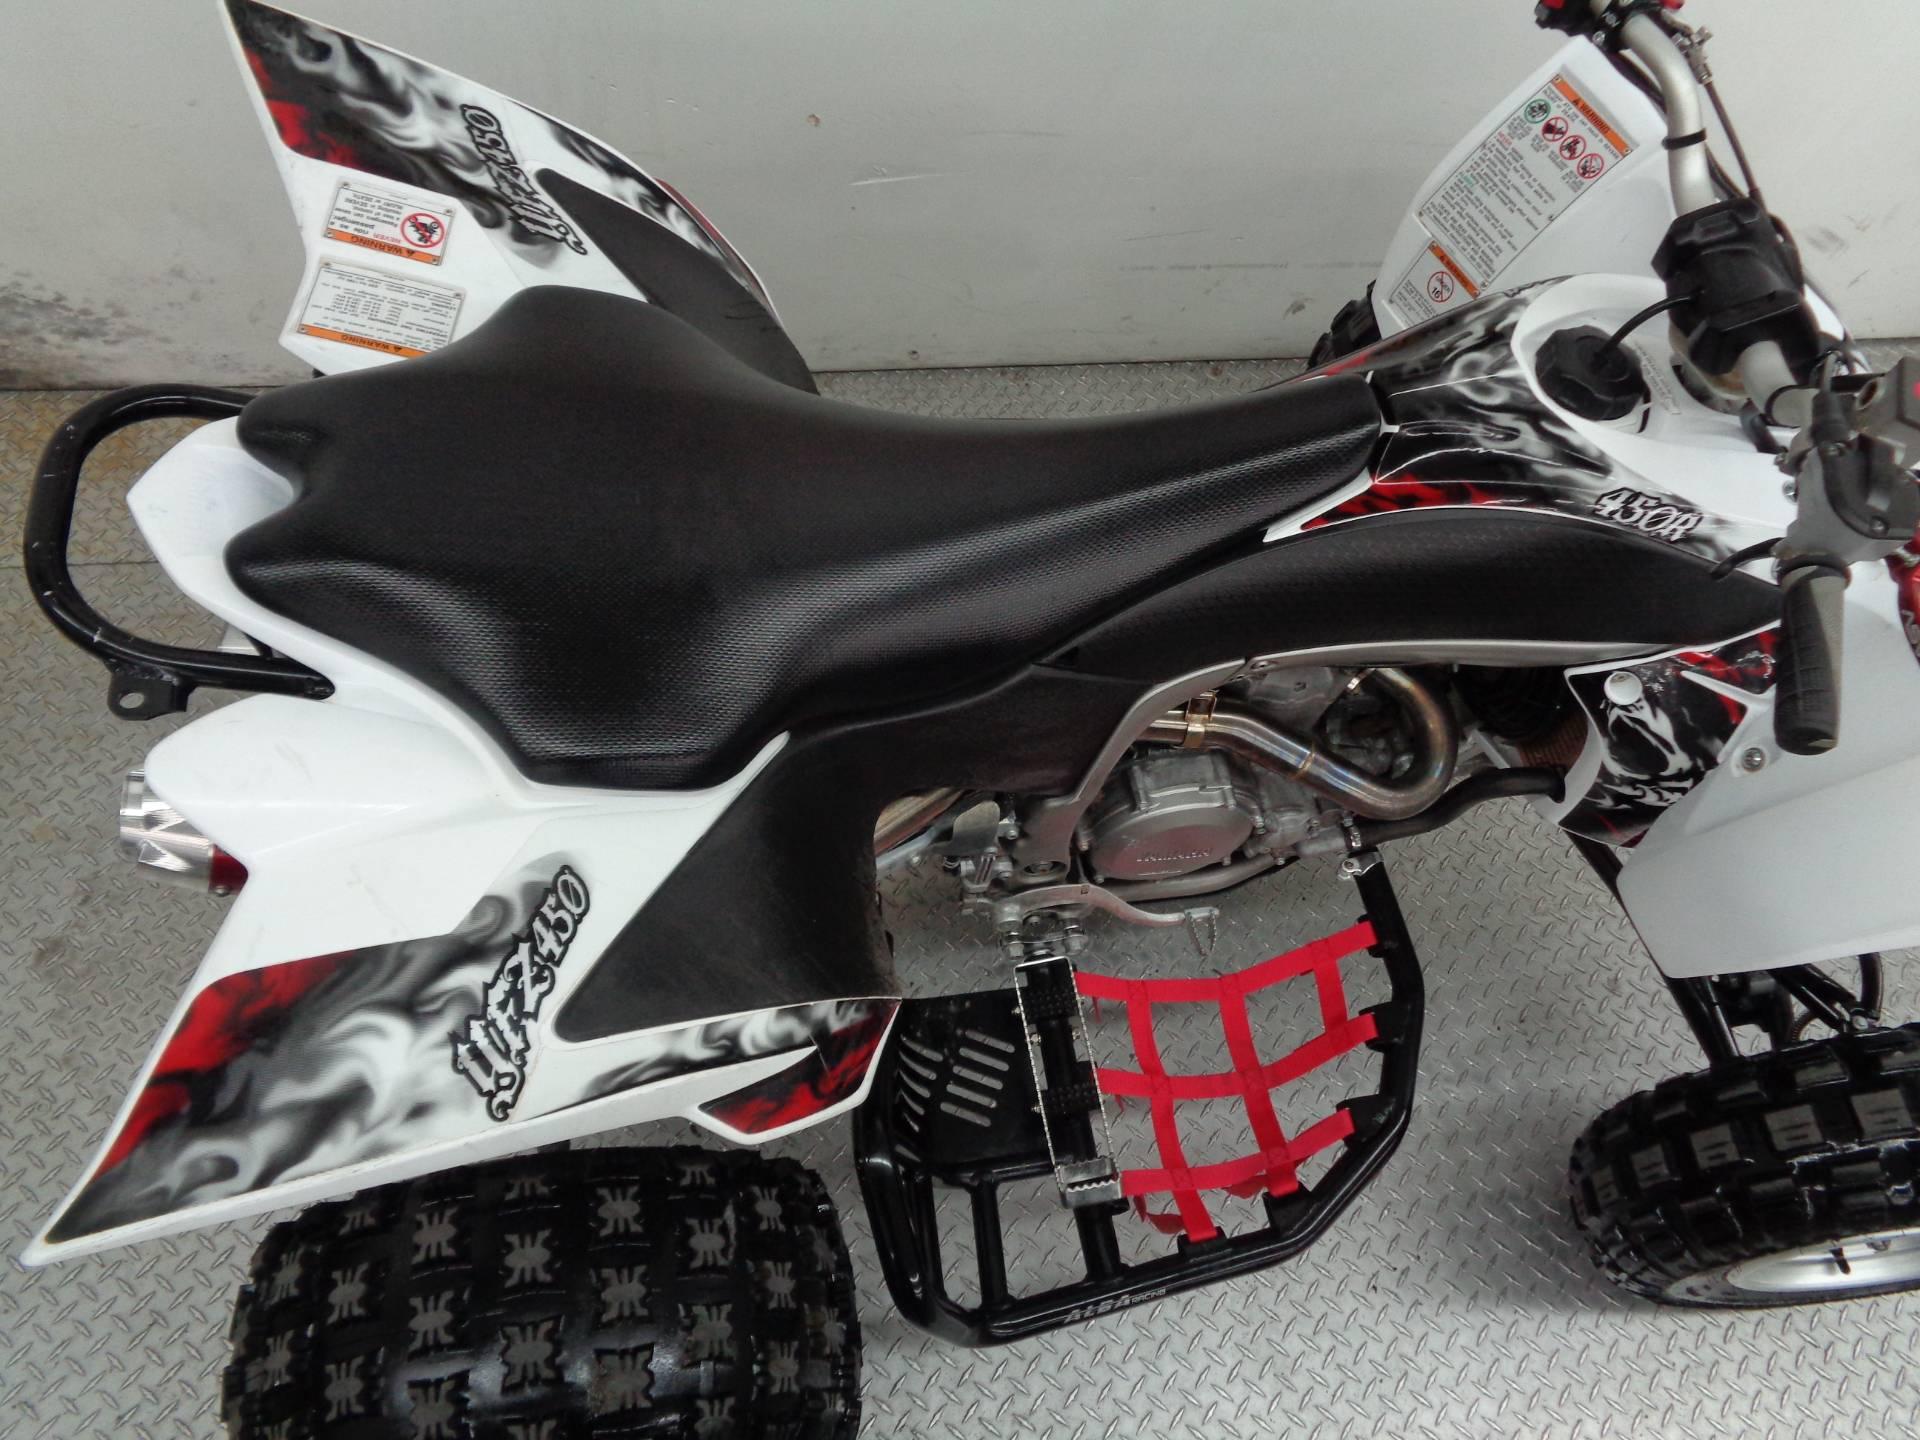 2013 Yamaha YFZ450R 6